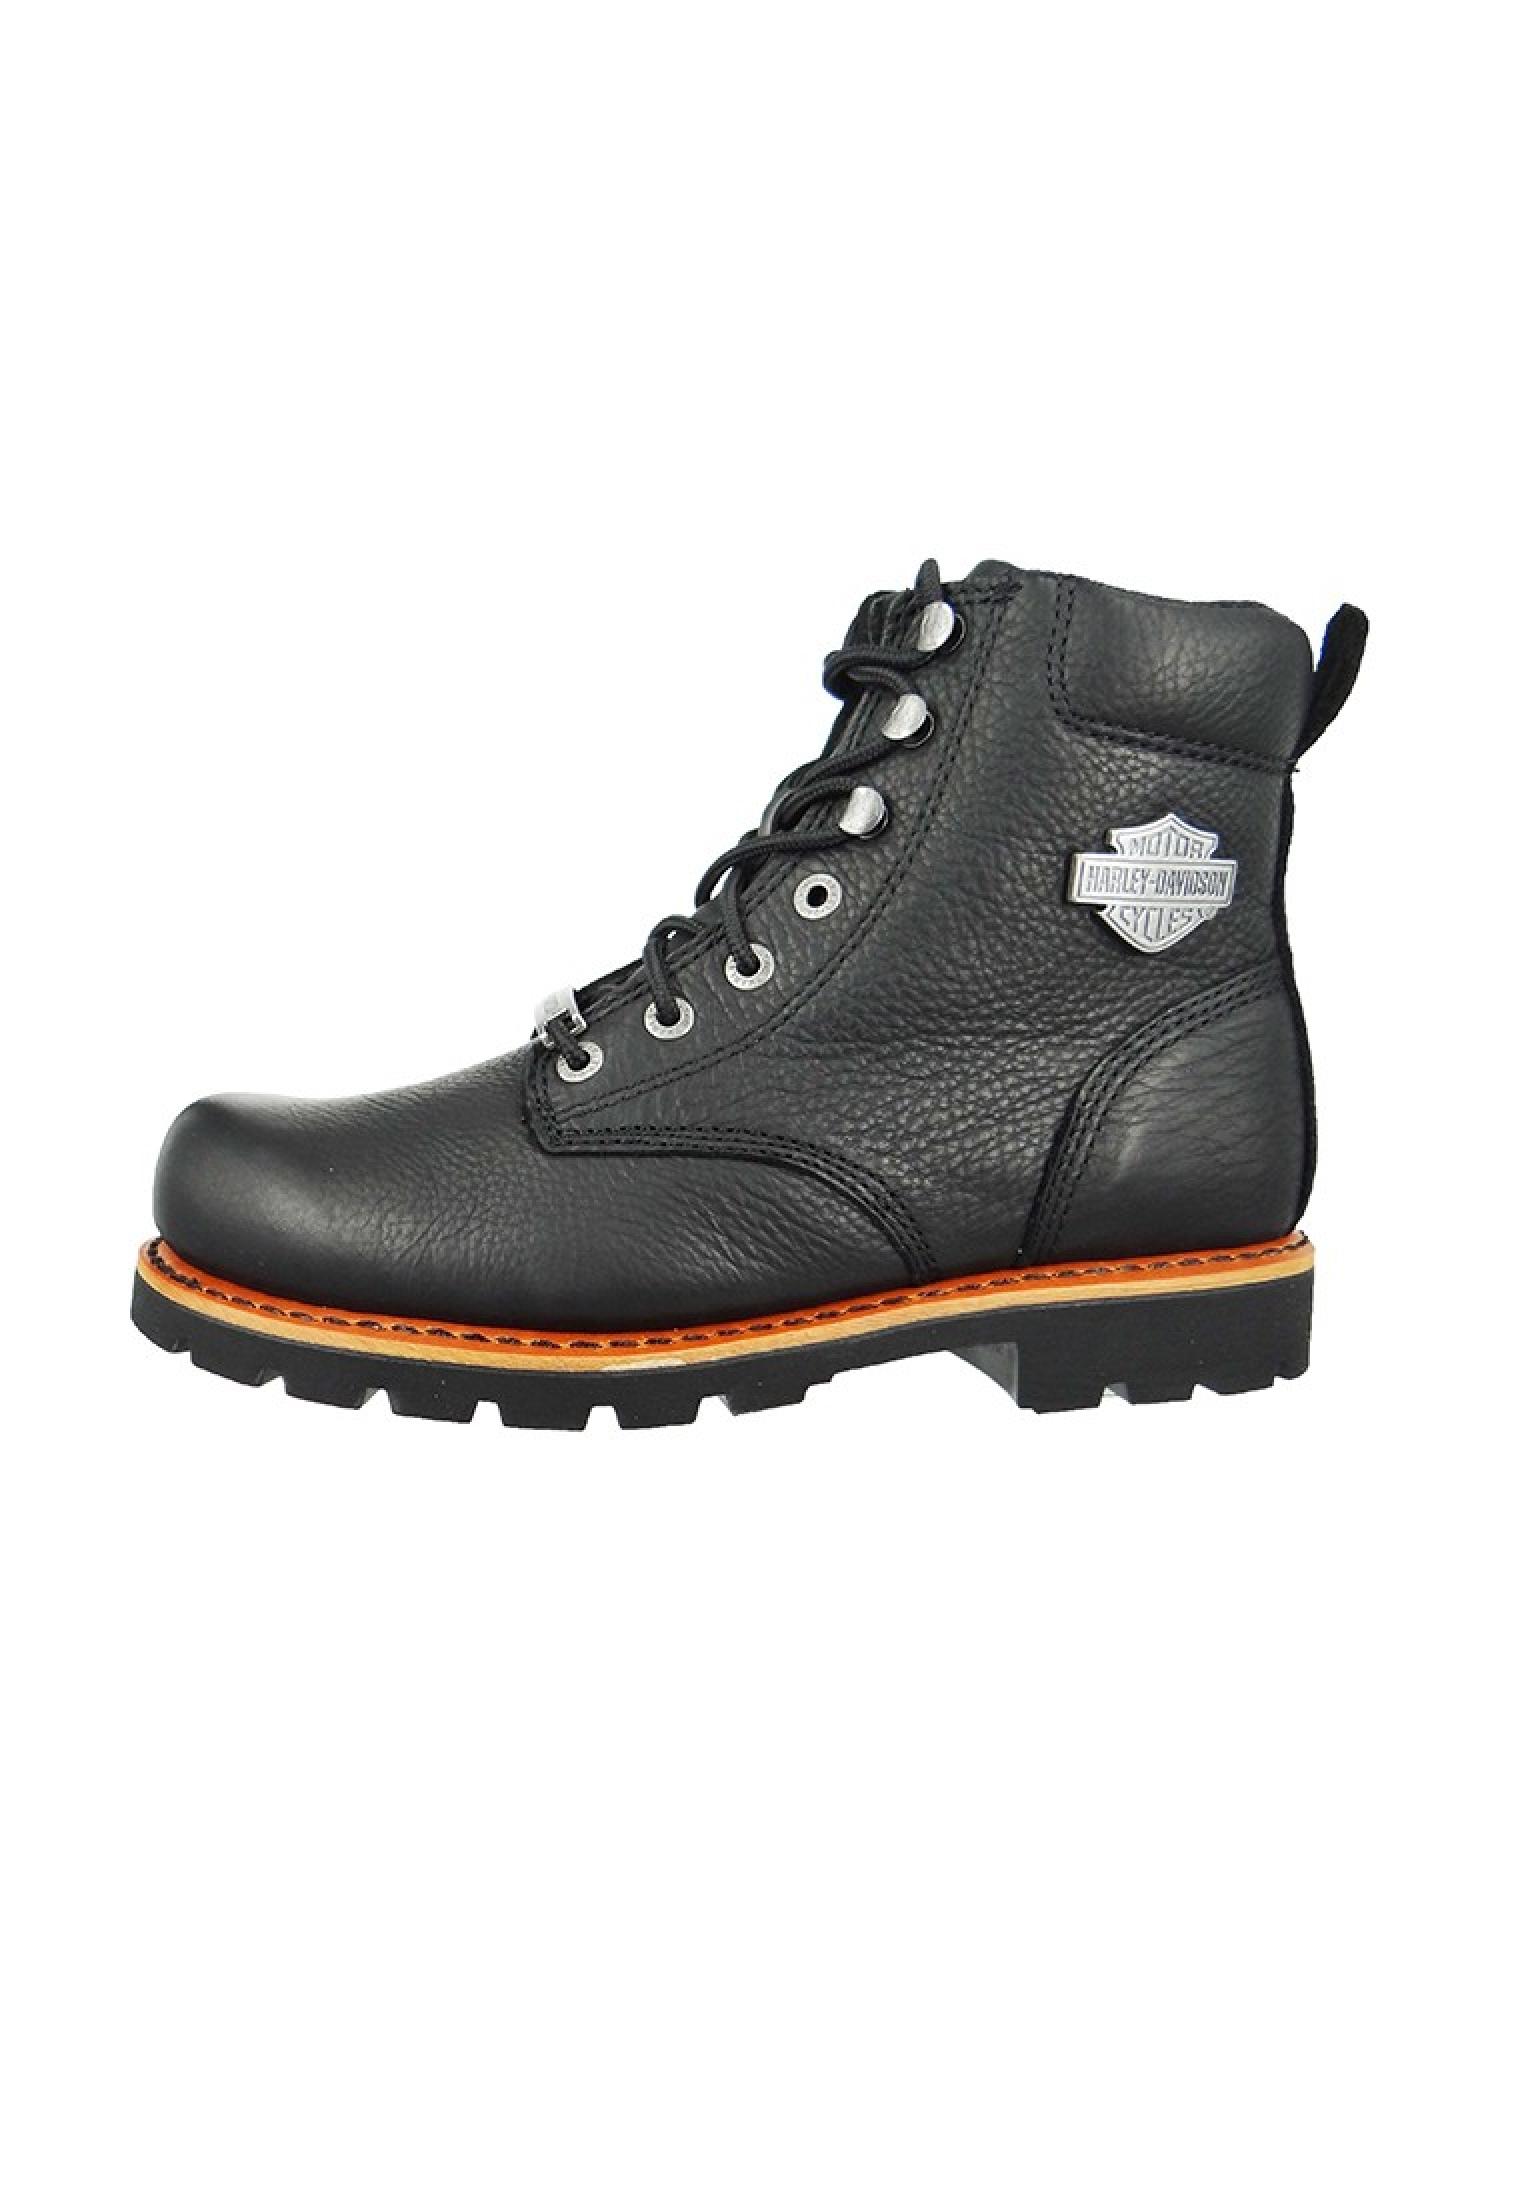 harley davidson biker boots d93423 vista ridge. Black Bedroom Furniture Sets. Home Design Ideas